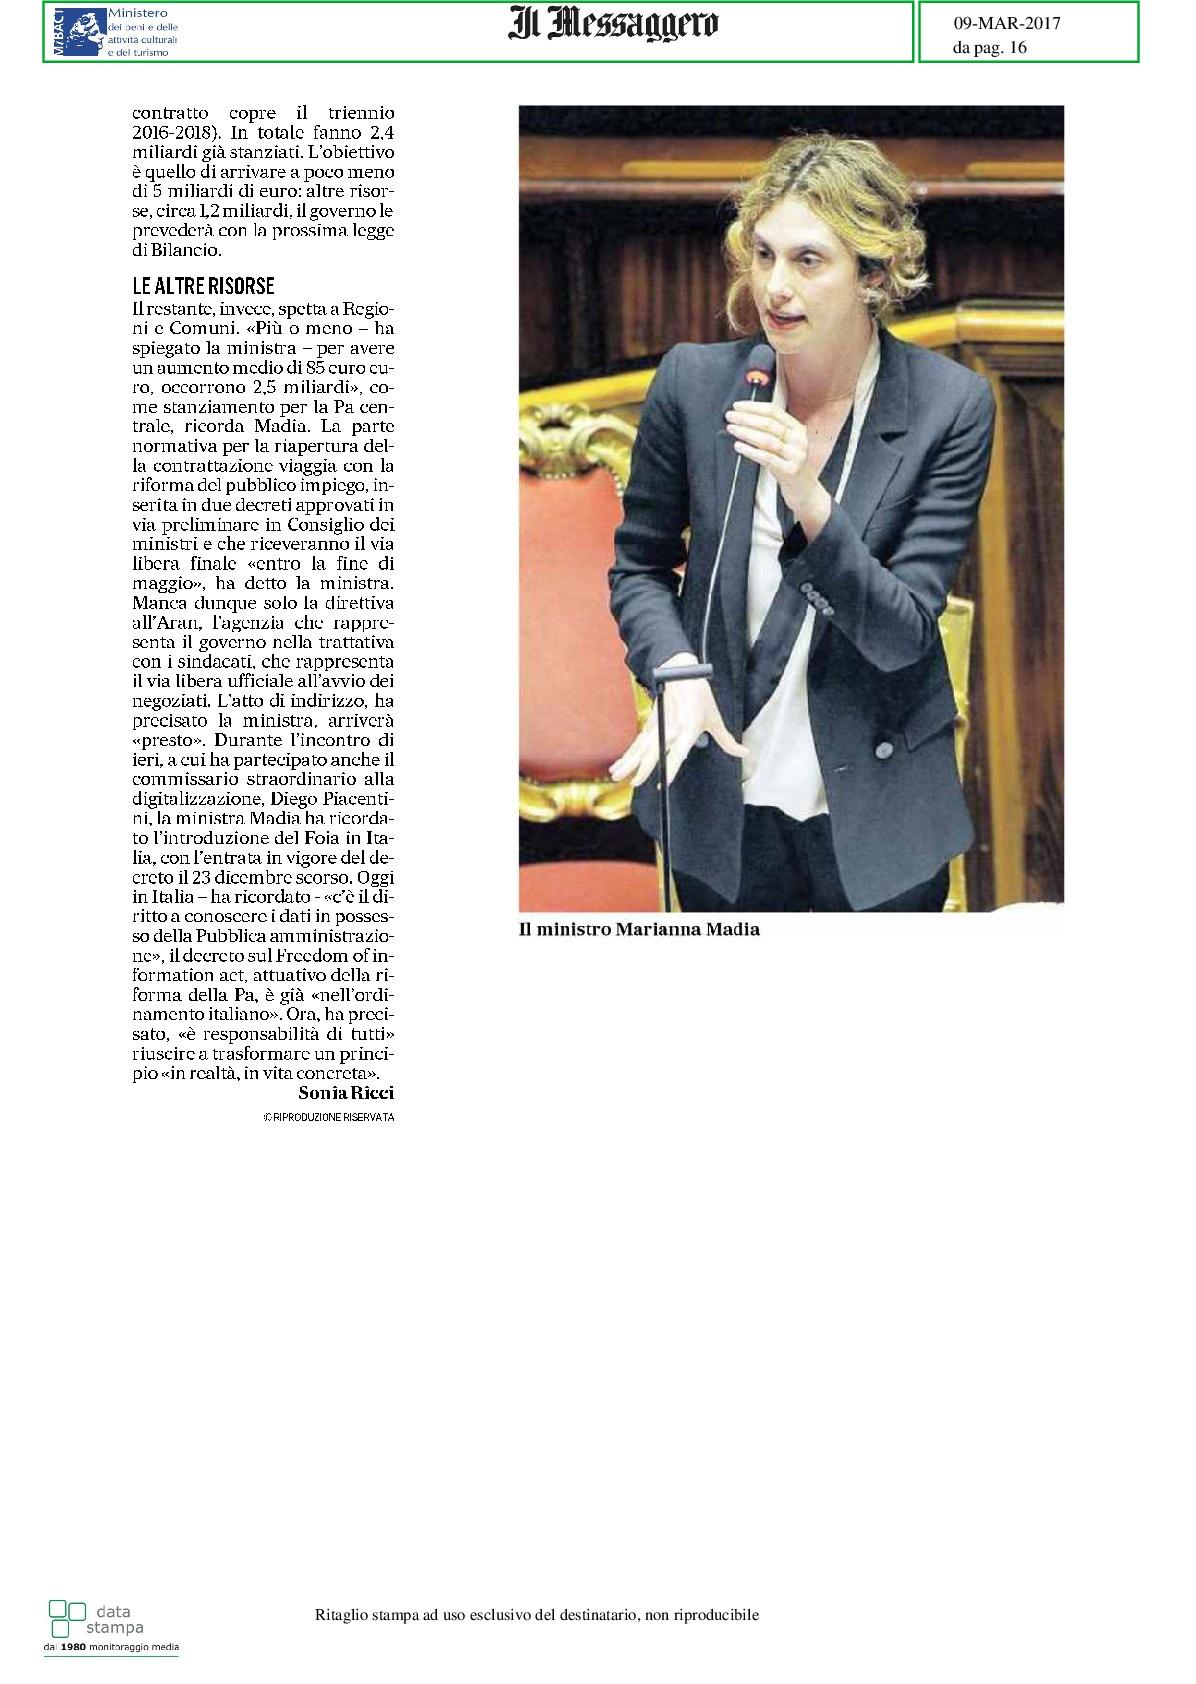 Articolo-Messaggero-09.03.17-002